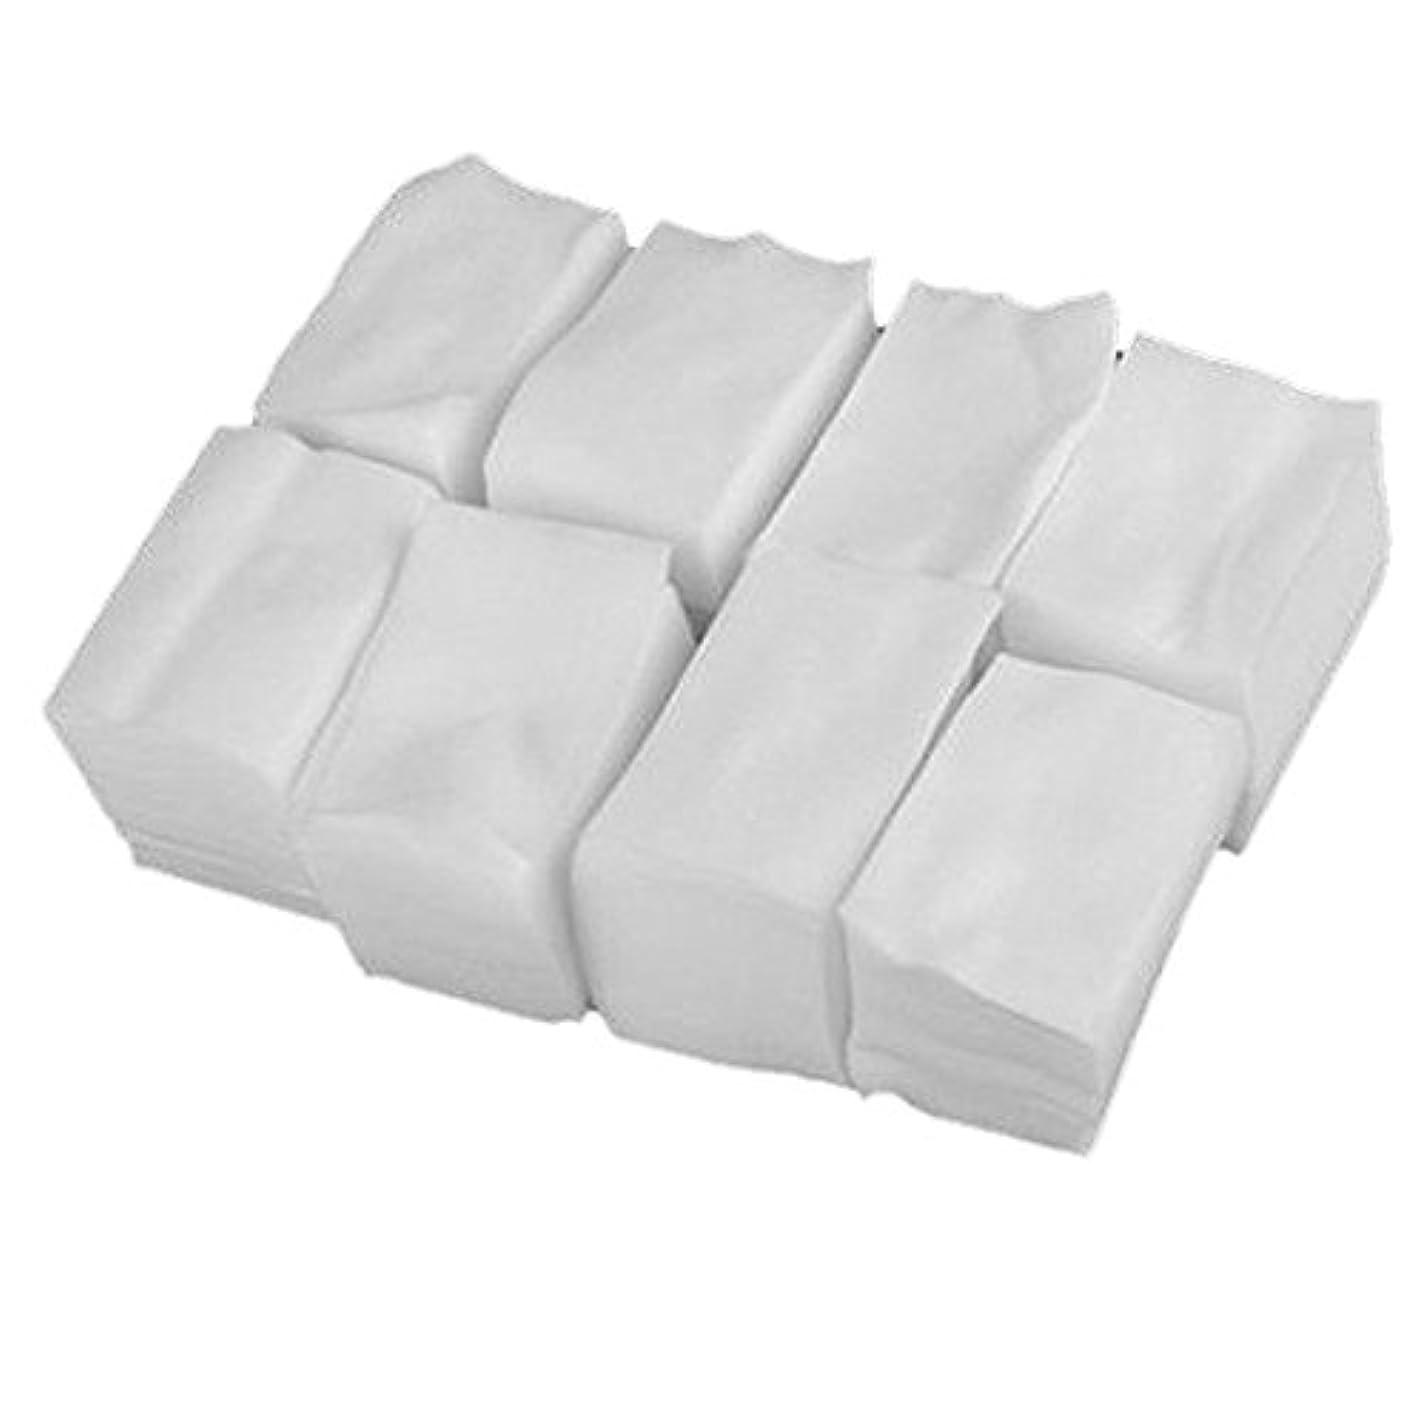 スパーク基礎理論深遠Vi.yo ネイル ジェル ワイプ 天然素材 不織布 コットン ジェルの拭き取り 油分除去 クリーニング 900枚以上